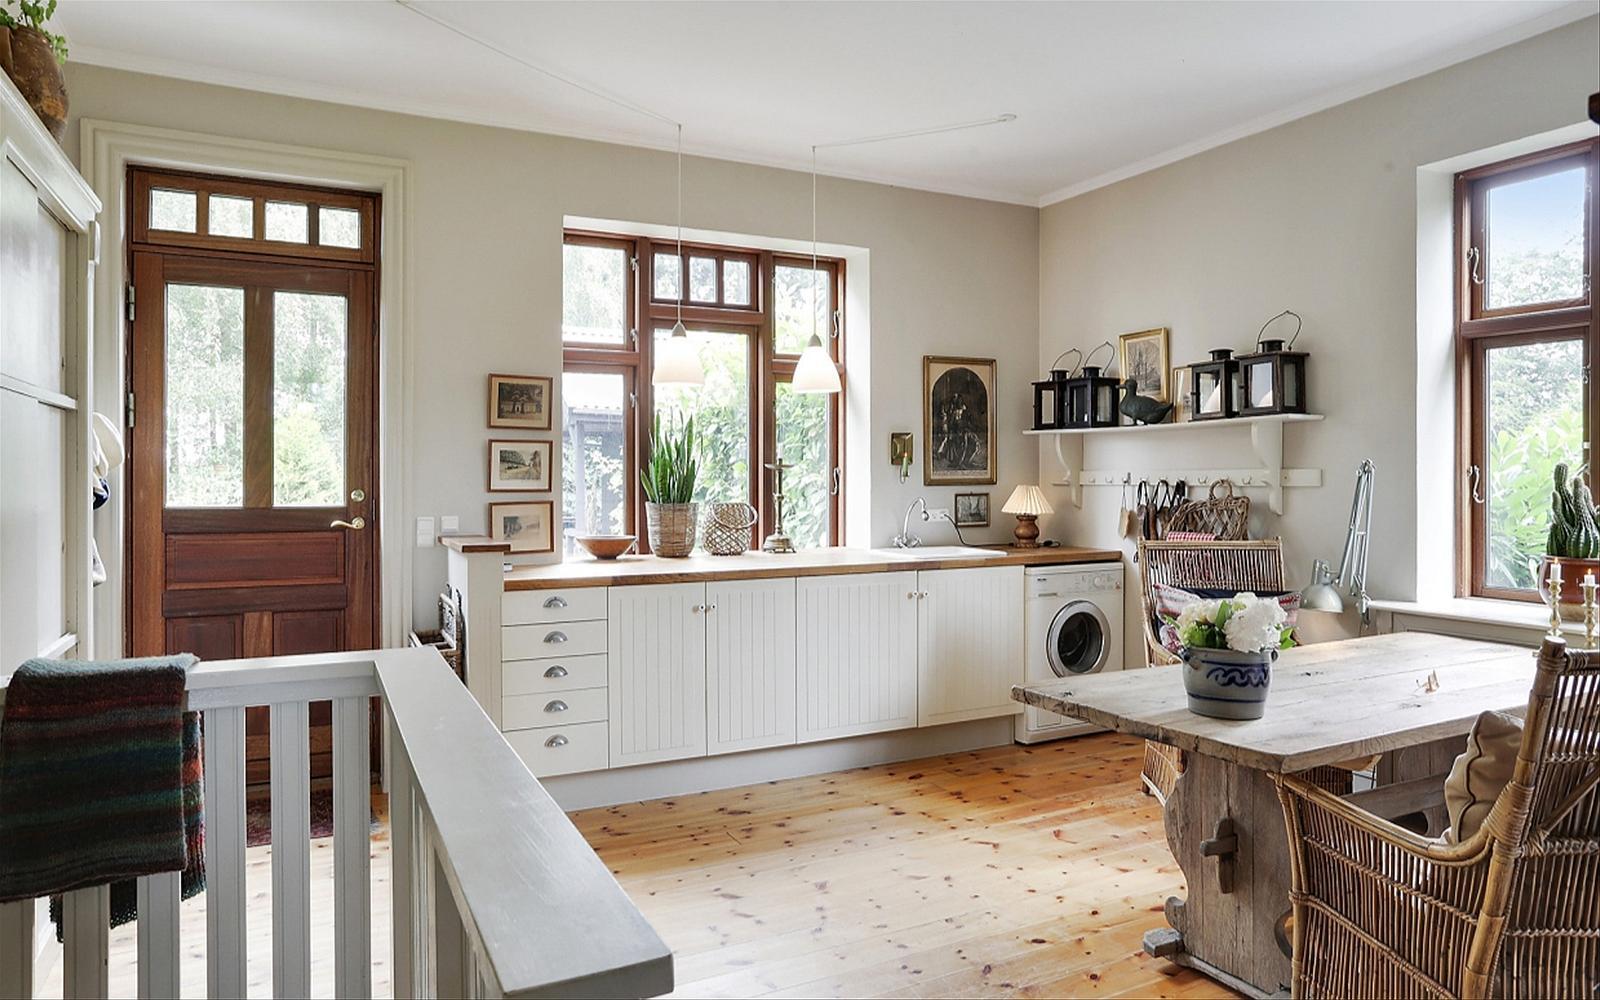 хозяйственная комната стиральная машина